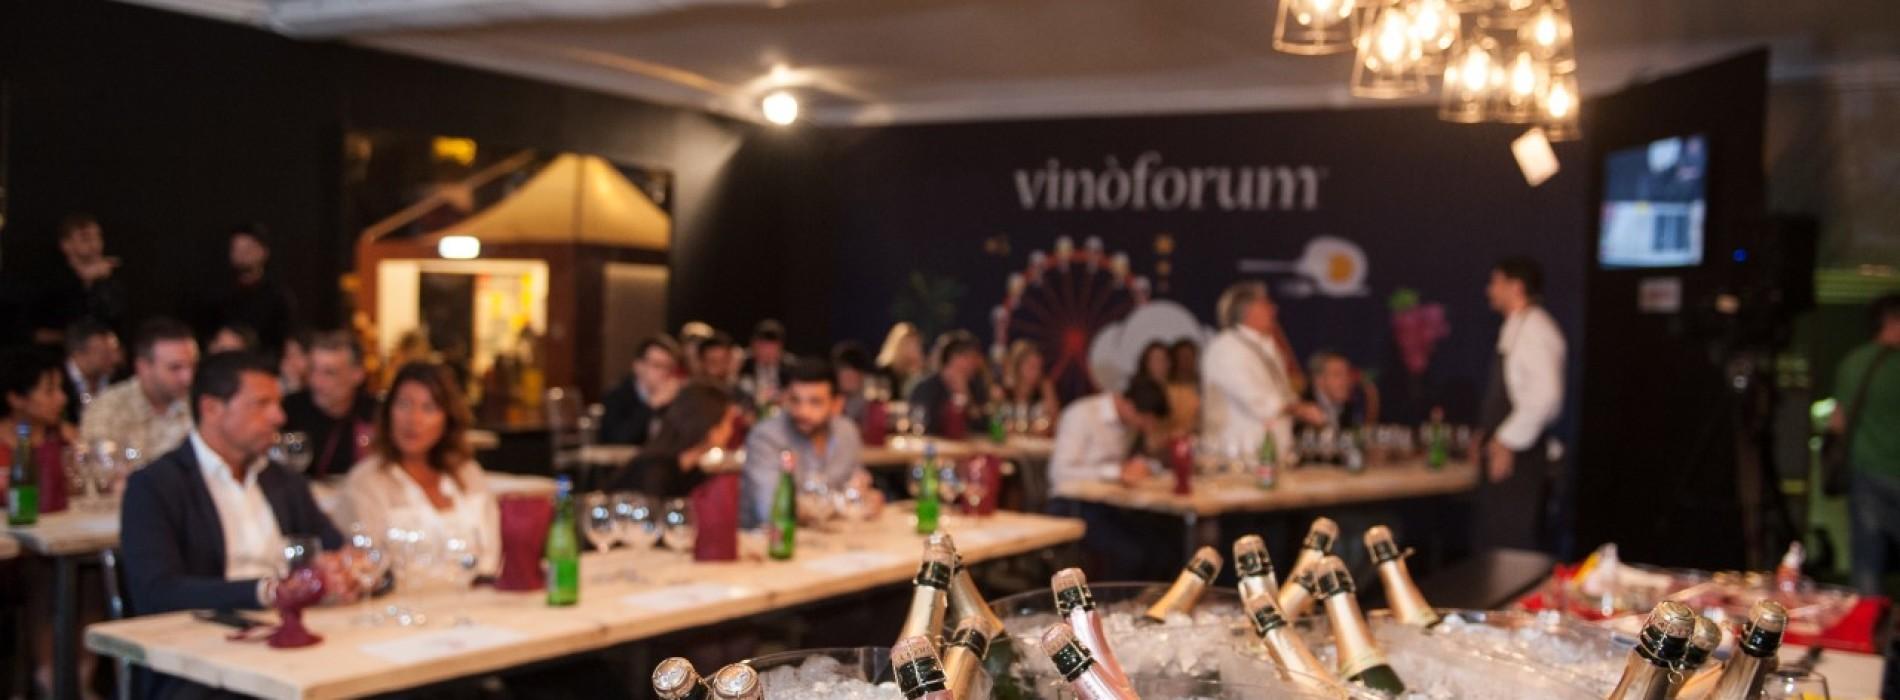 """Vinoforum: un piacere perdersi nello """"Lo Spazio del Gusto"""""""